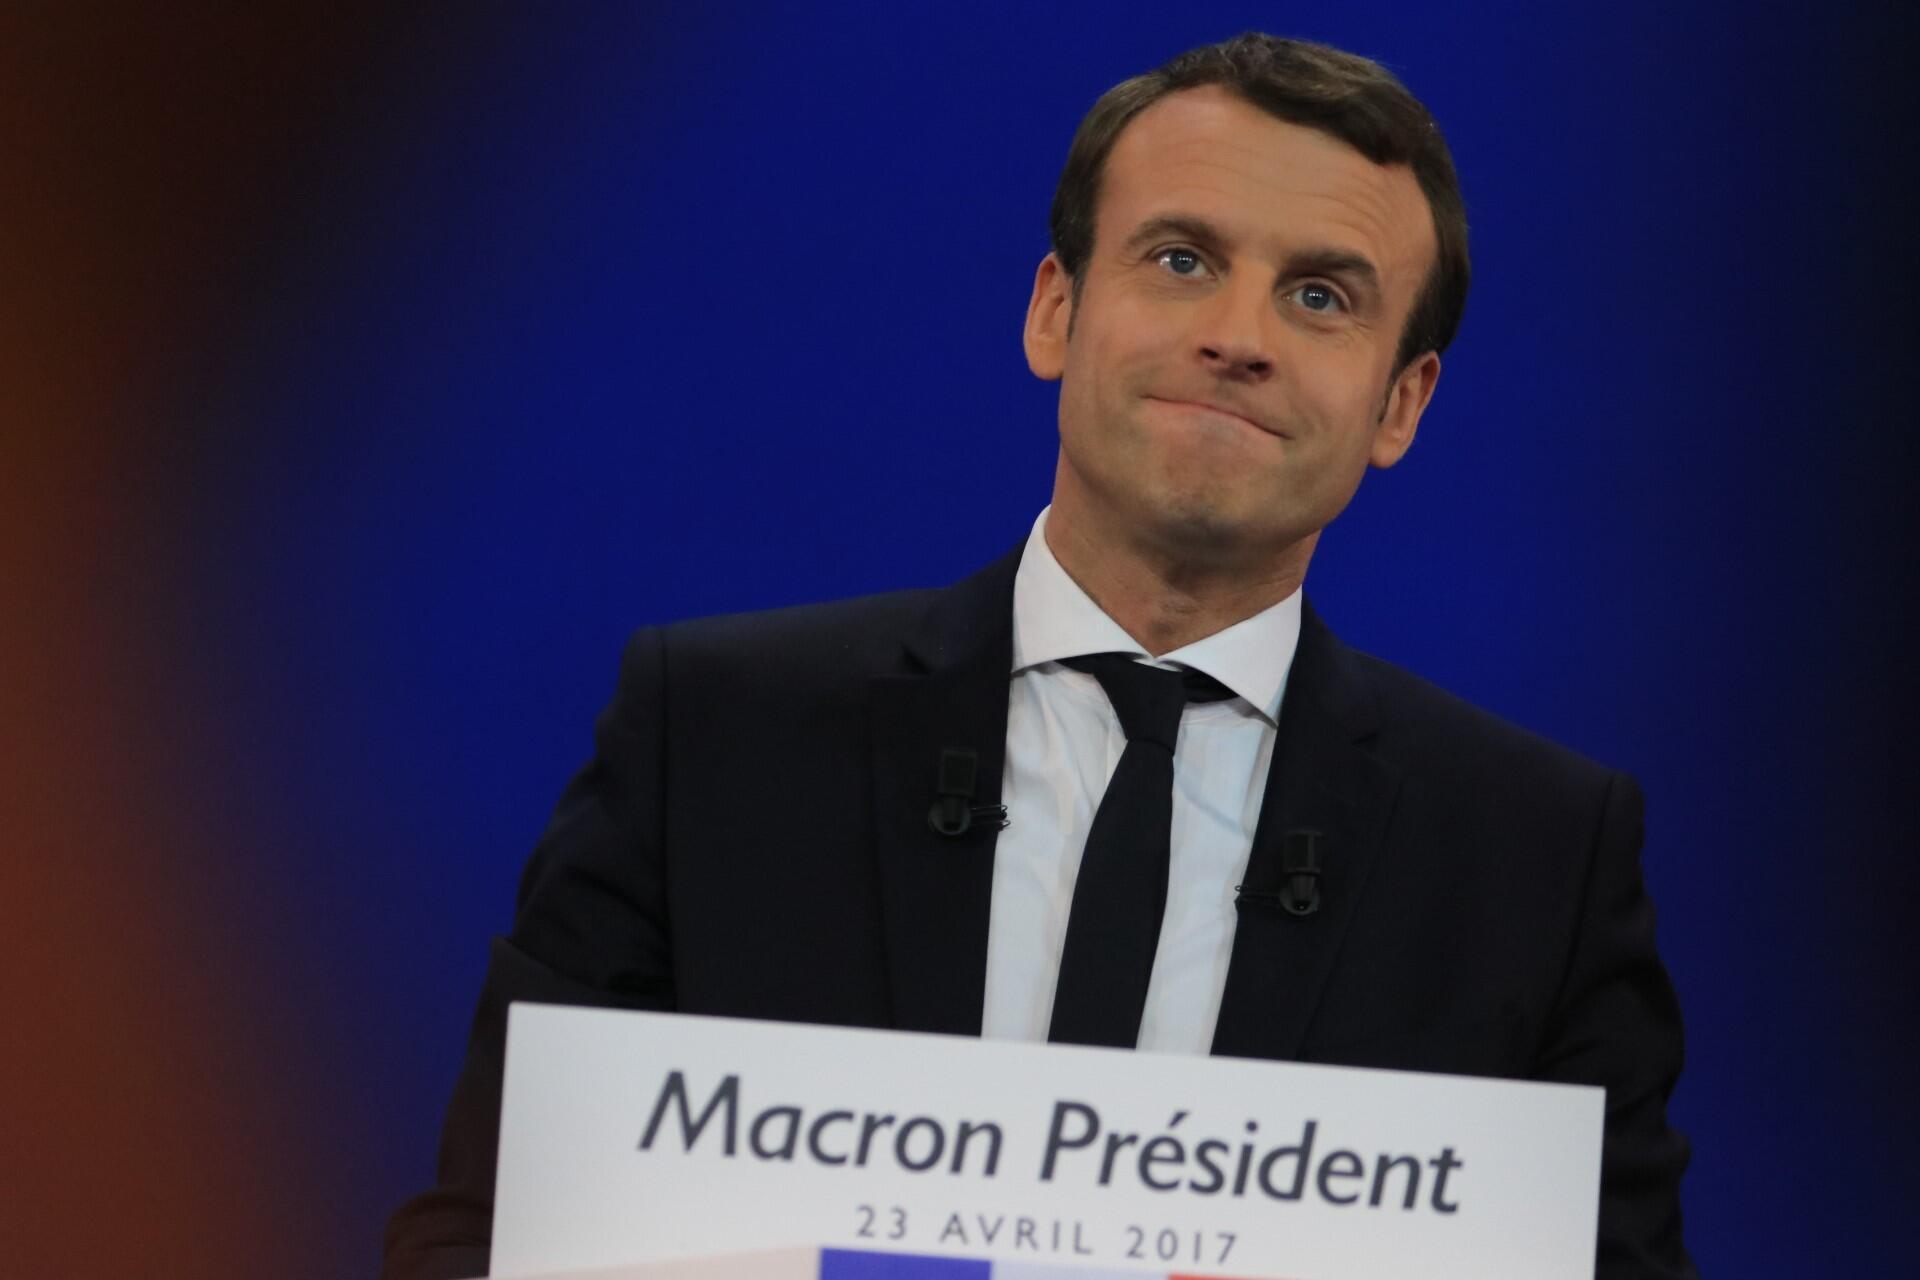 Emmanuel Macron, le candidat d'En marche !, devant ses partisans à Paris au soir du premier tour de la présidentielle, le 23 avril 2017.